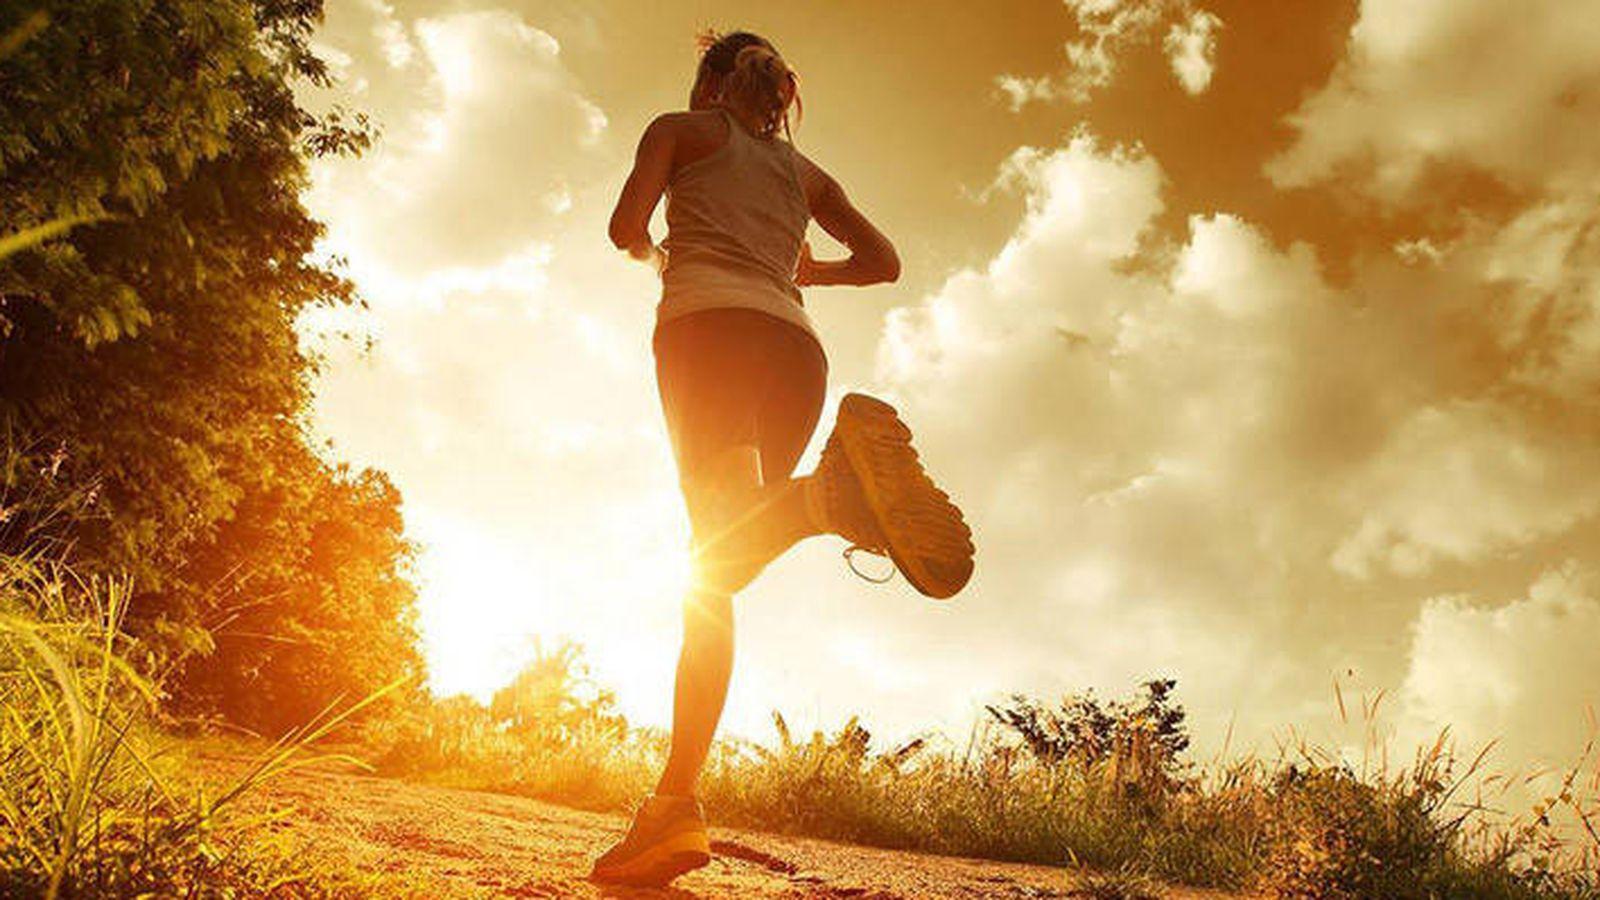 Foto: Di adiós definitivamente a las piernas 'efecto Cristiano Ronado' tras entrenar. (iStock)